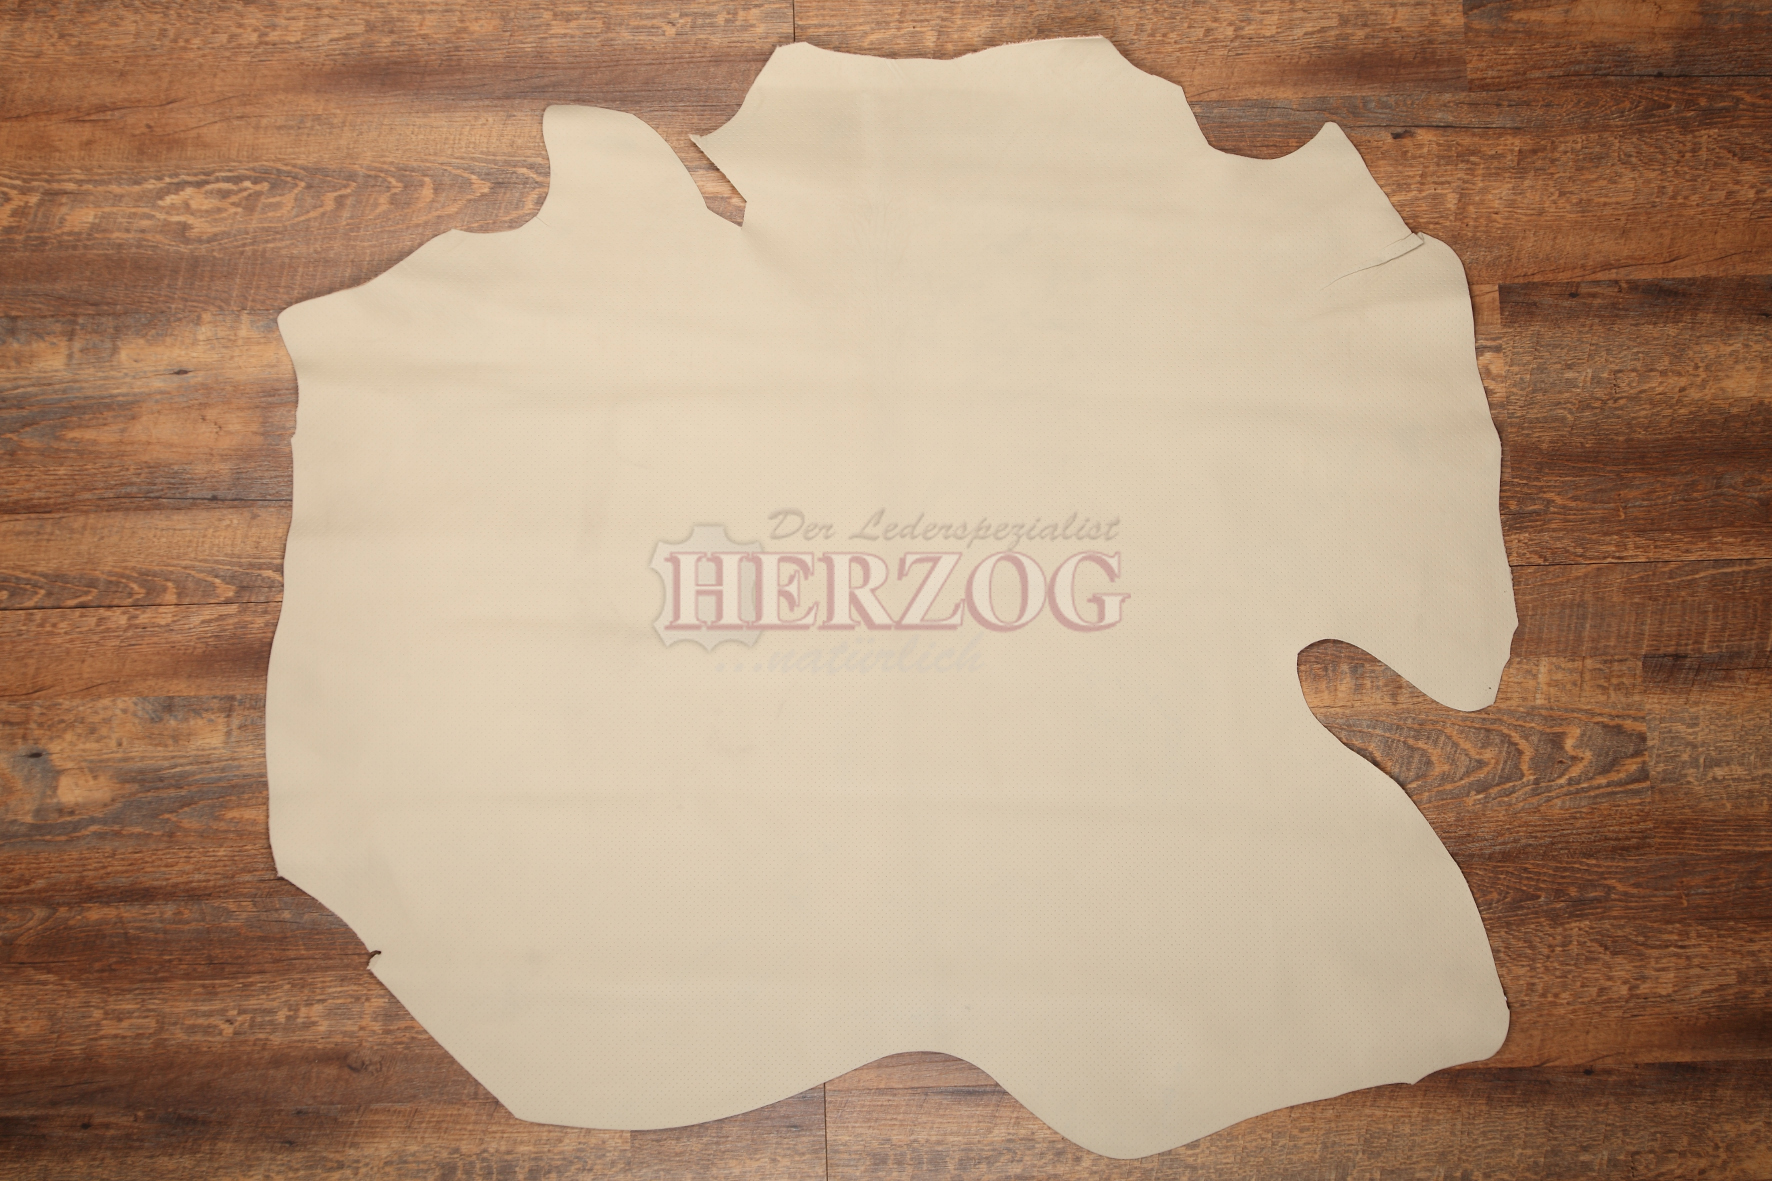 Herzog Futterkalbleder (ganzes Fell)